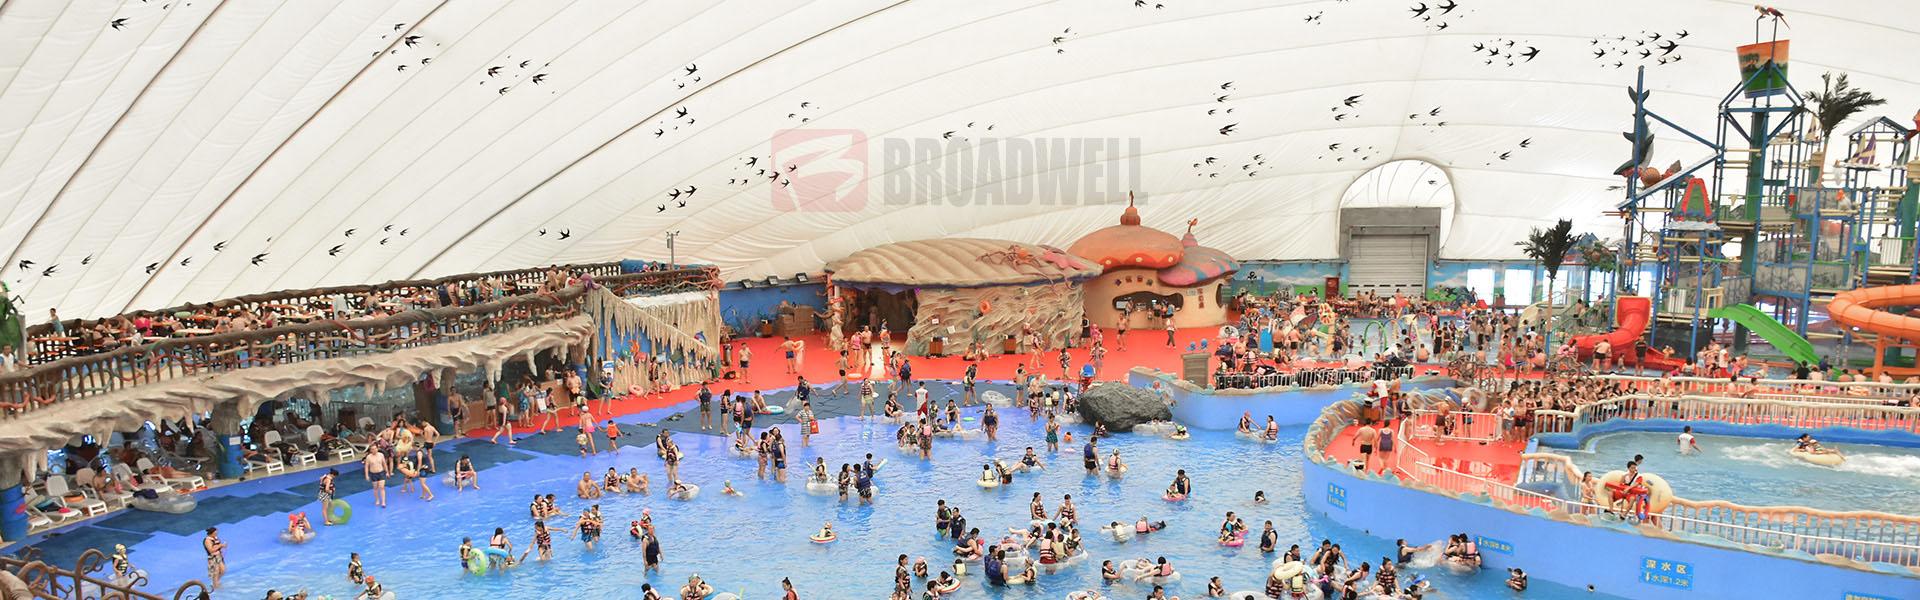 世界最大气膜水上乐园——新疆神木园气膜水上乐园